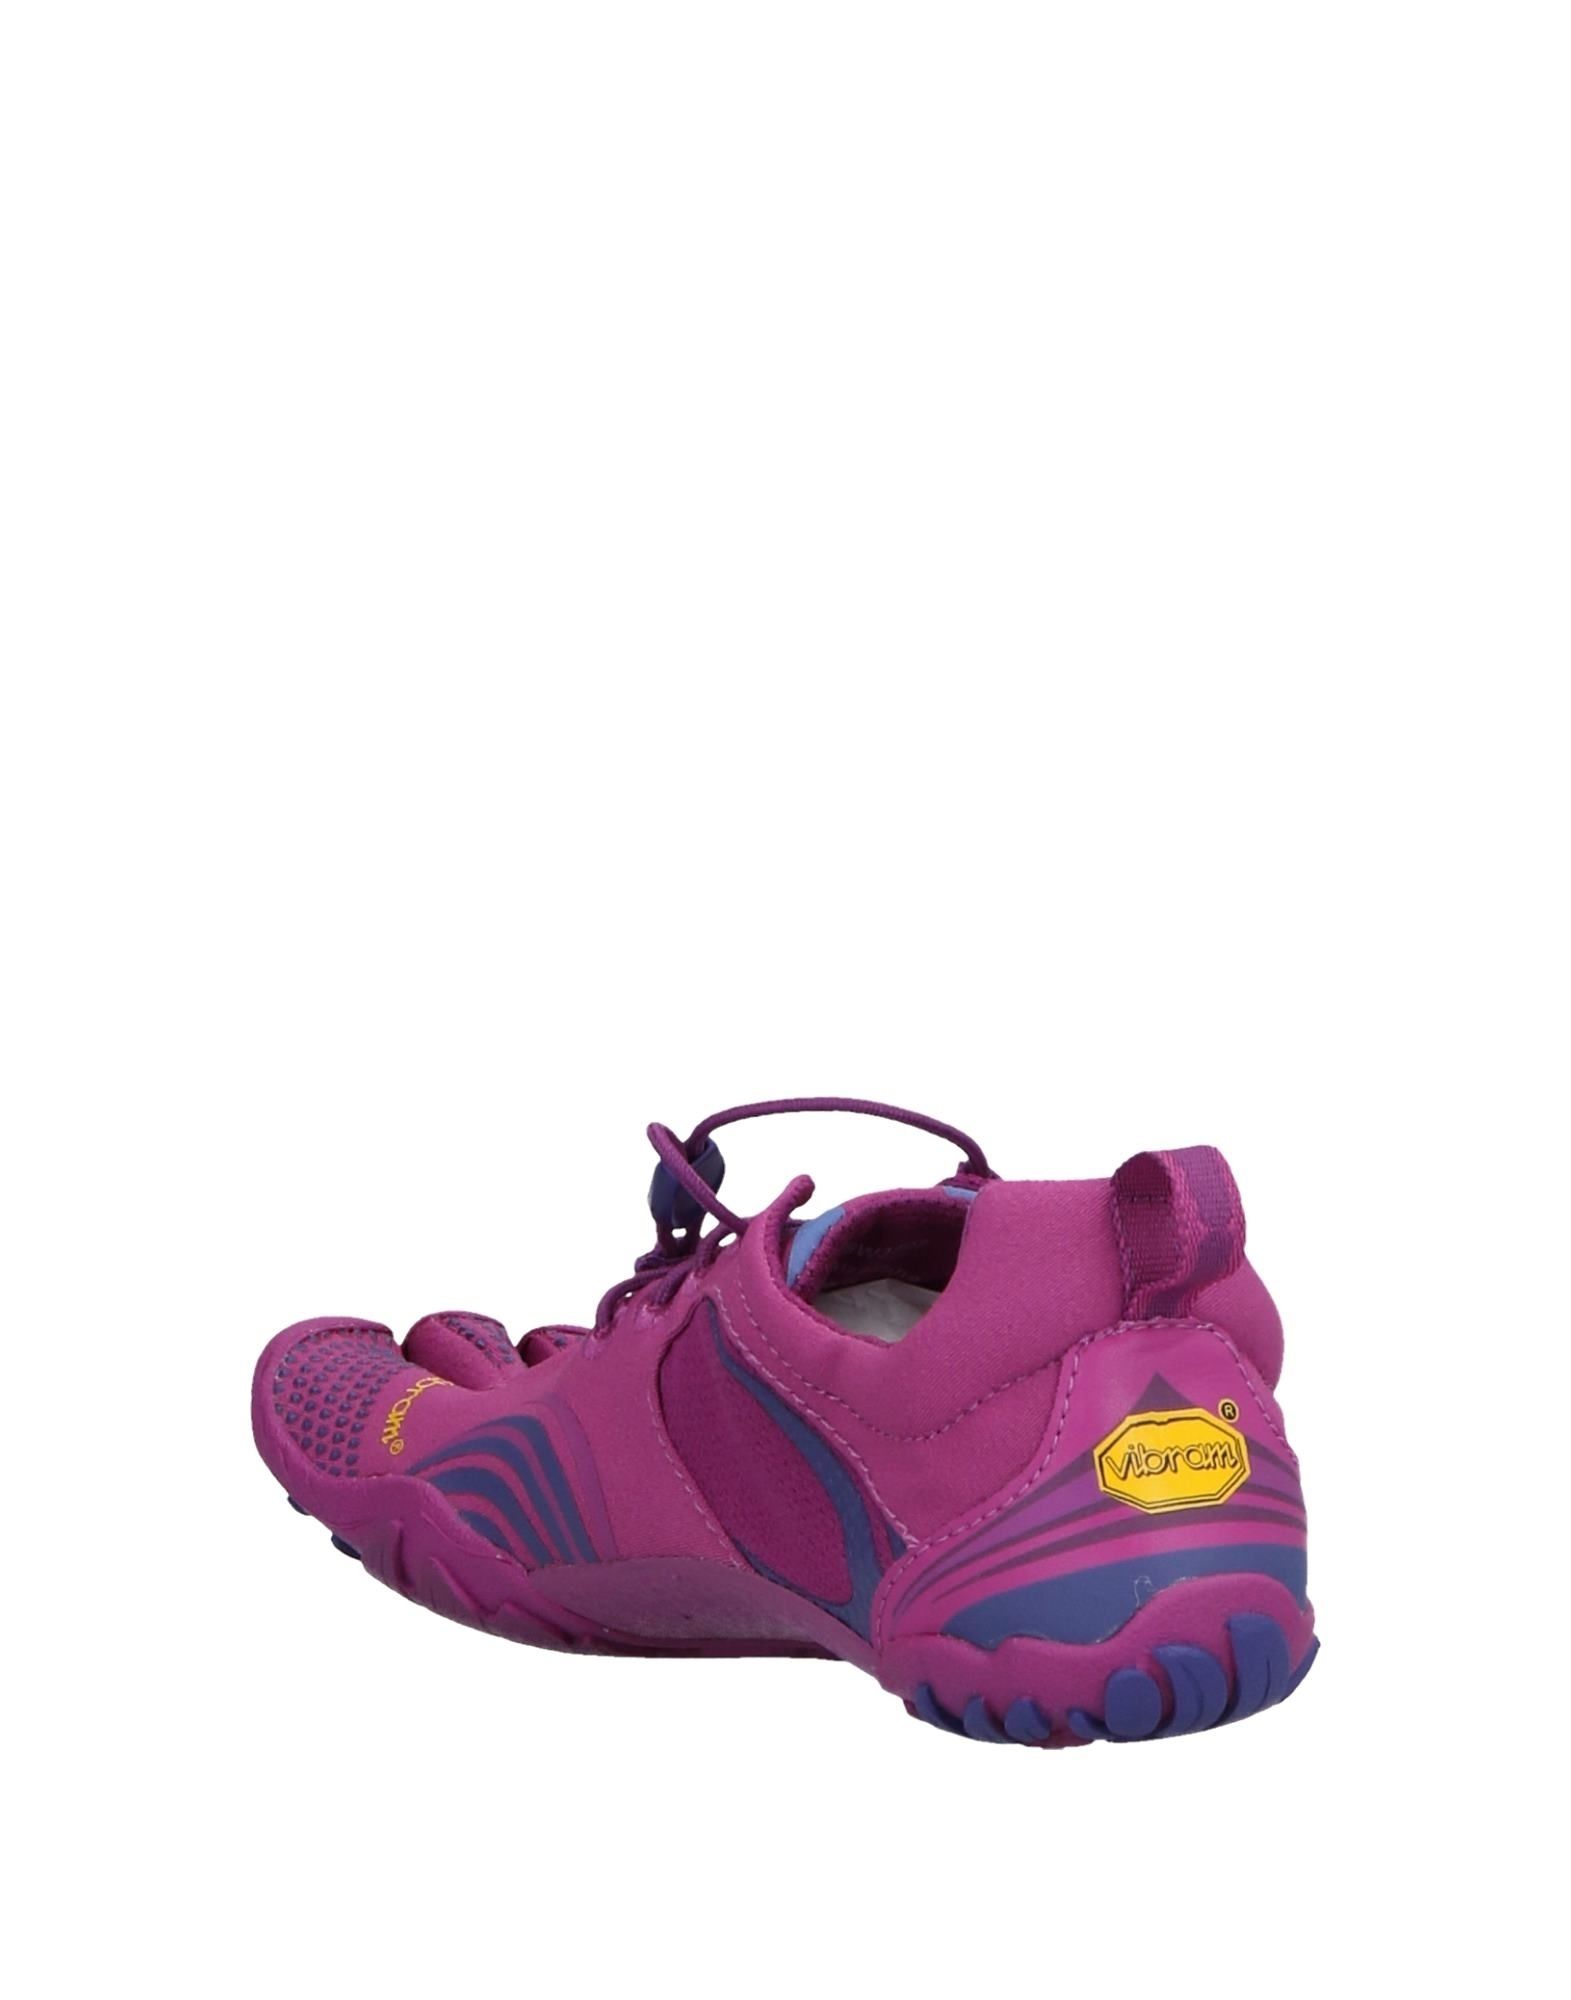 Vibram Sneakers Damen  11522915GS Gute Qualität beliebte Schuhe